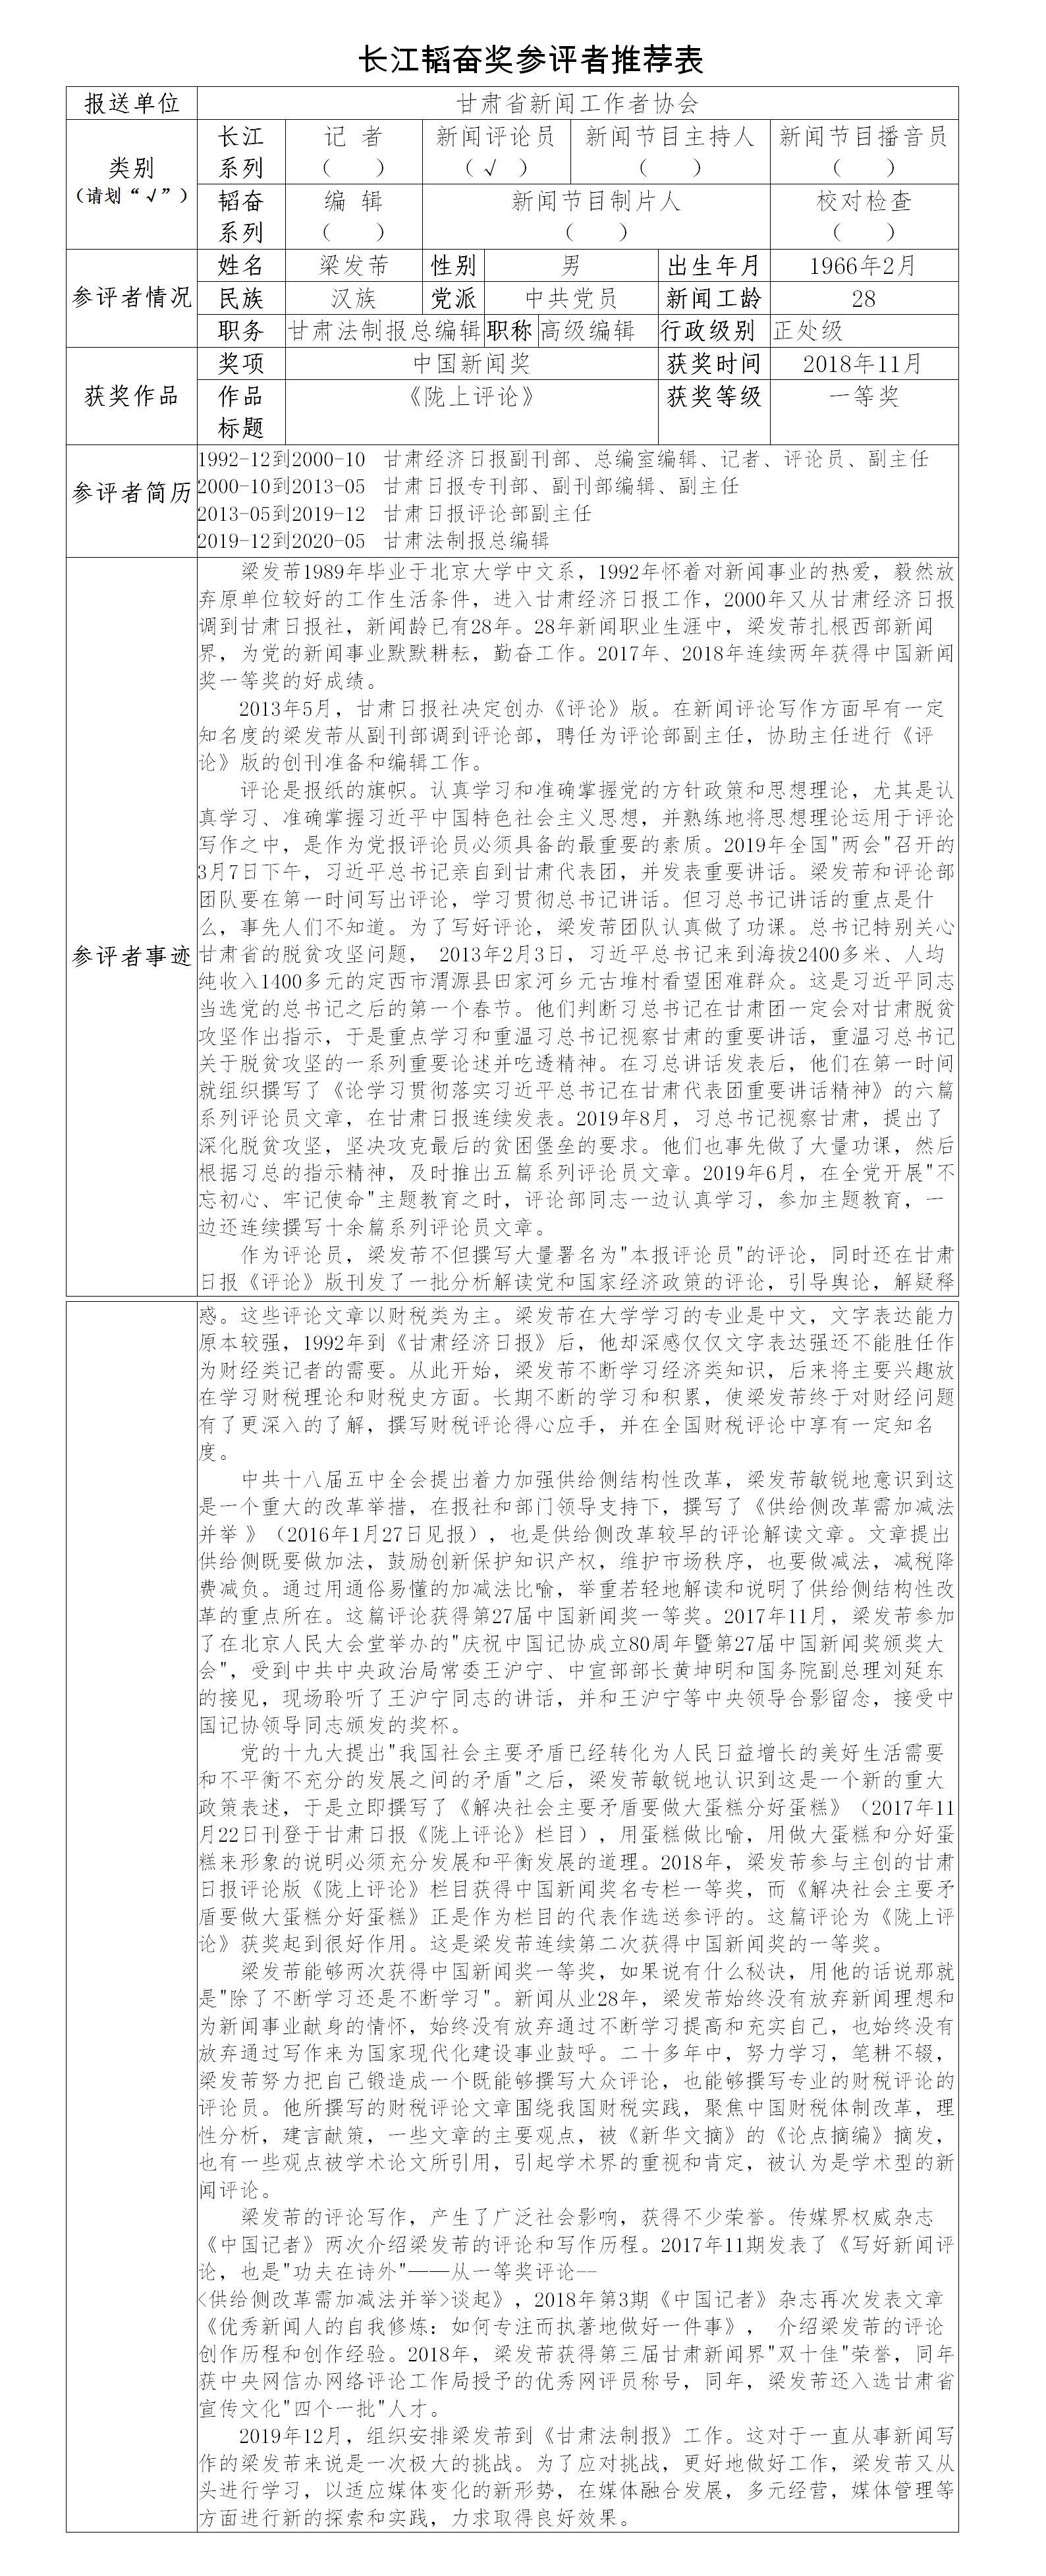 http://www.edaojz.cn/caijingjingji/739266.html